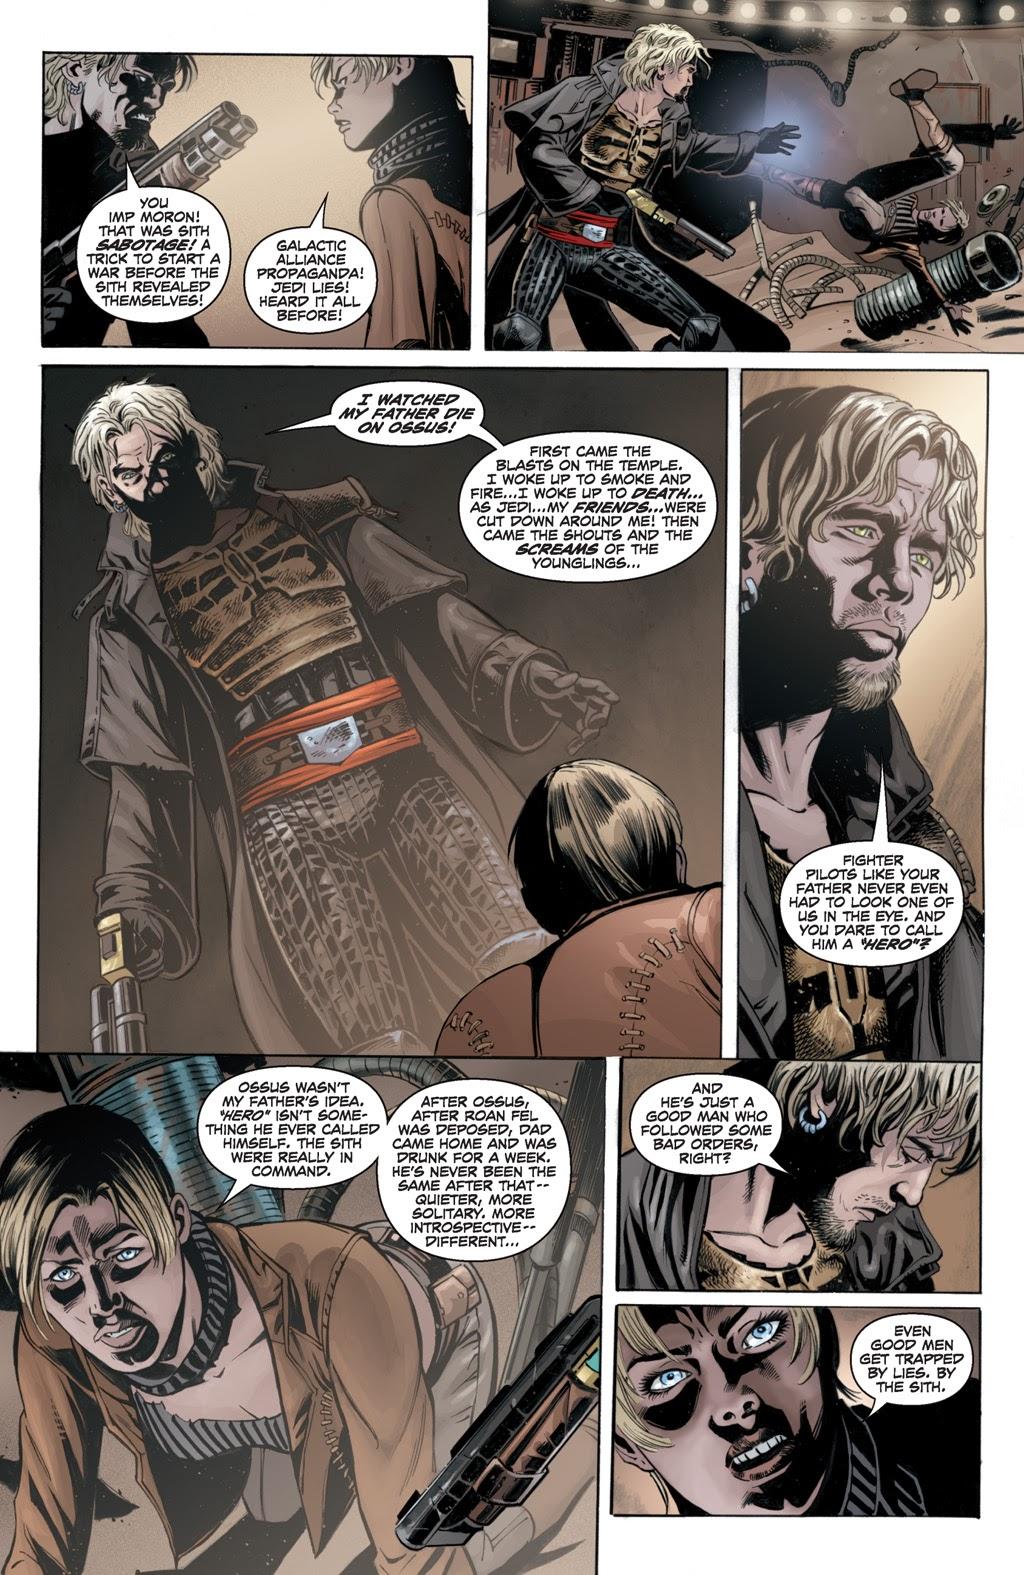 Cade Skywalker Finds The Lars Homestead